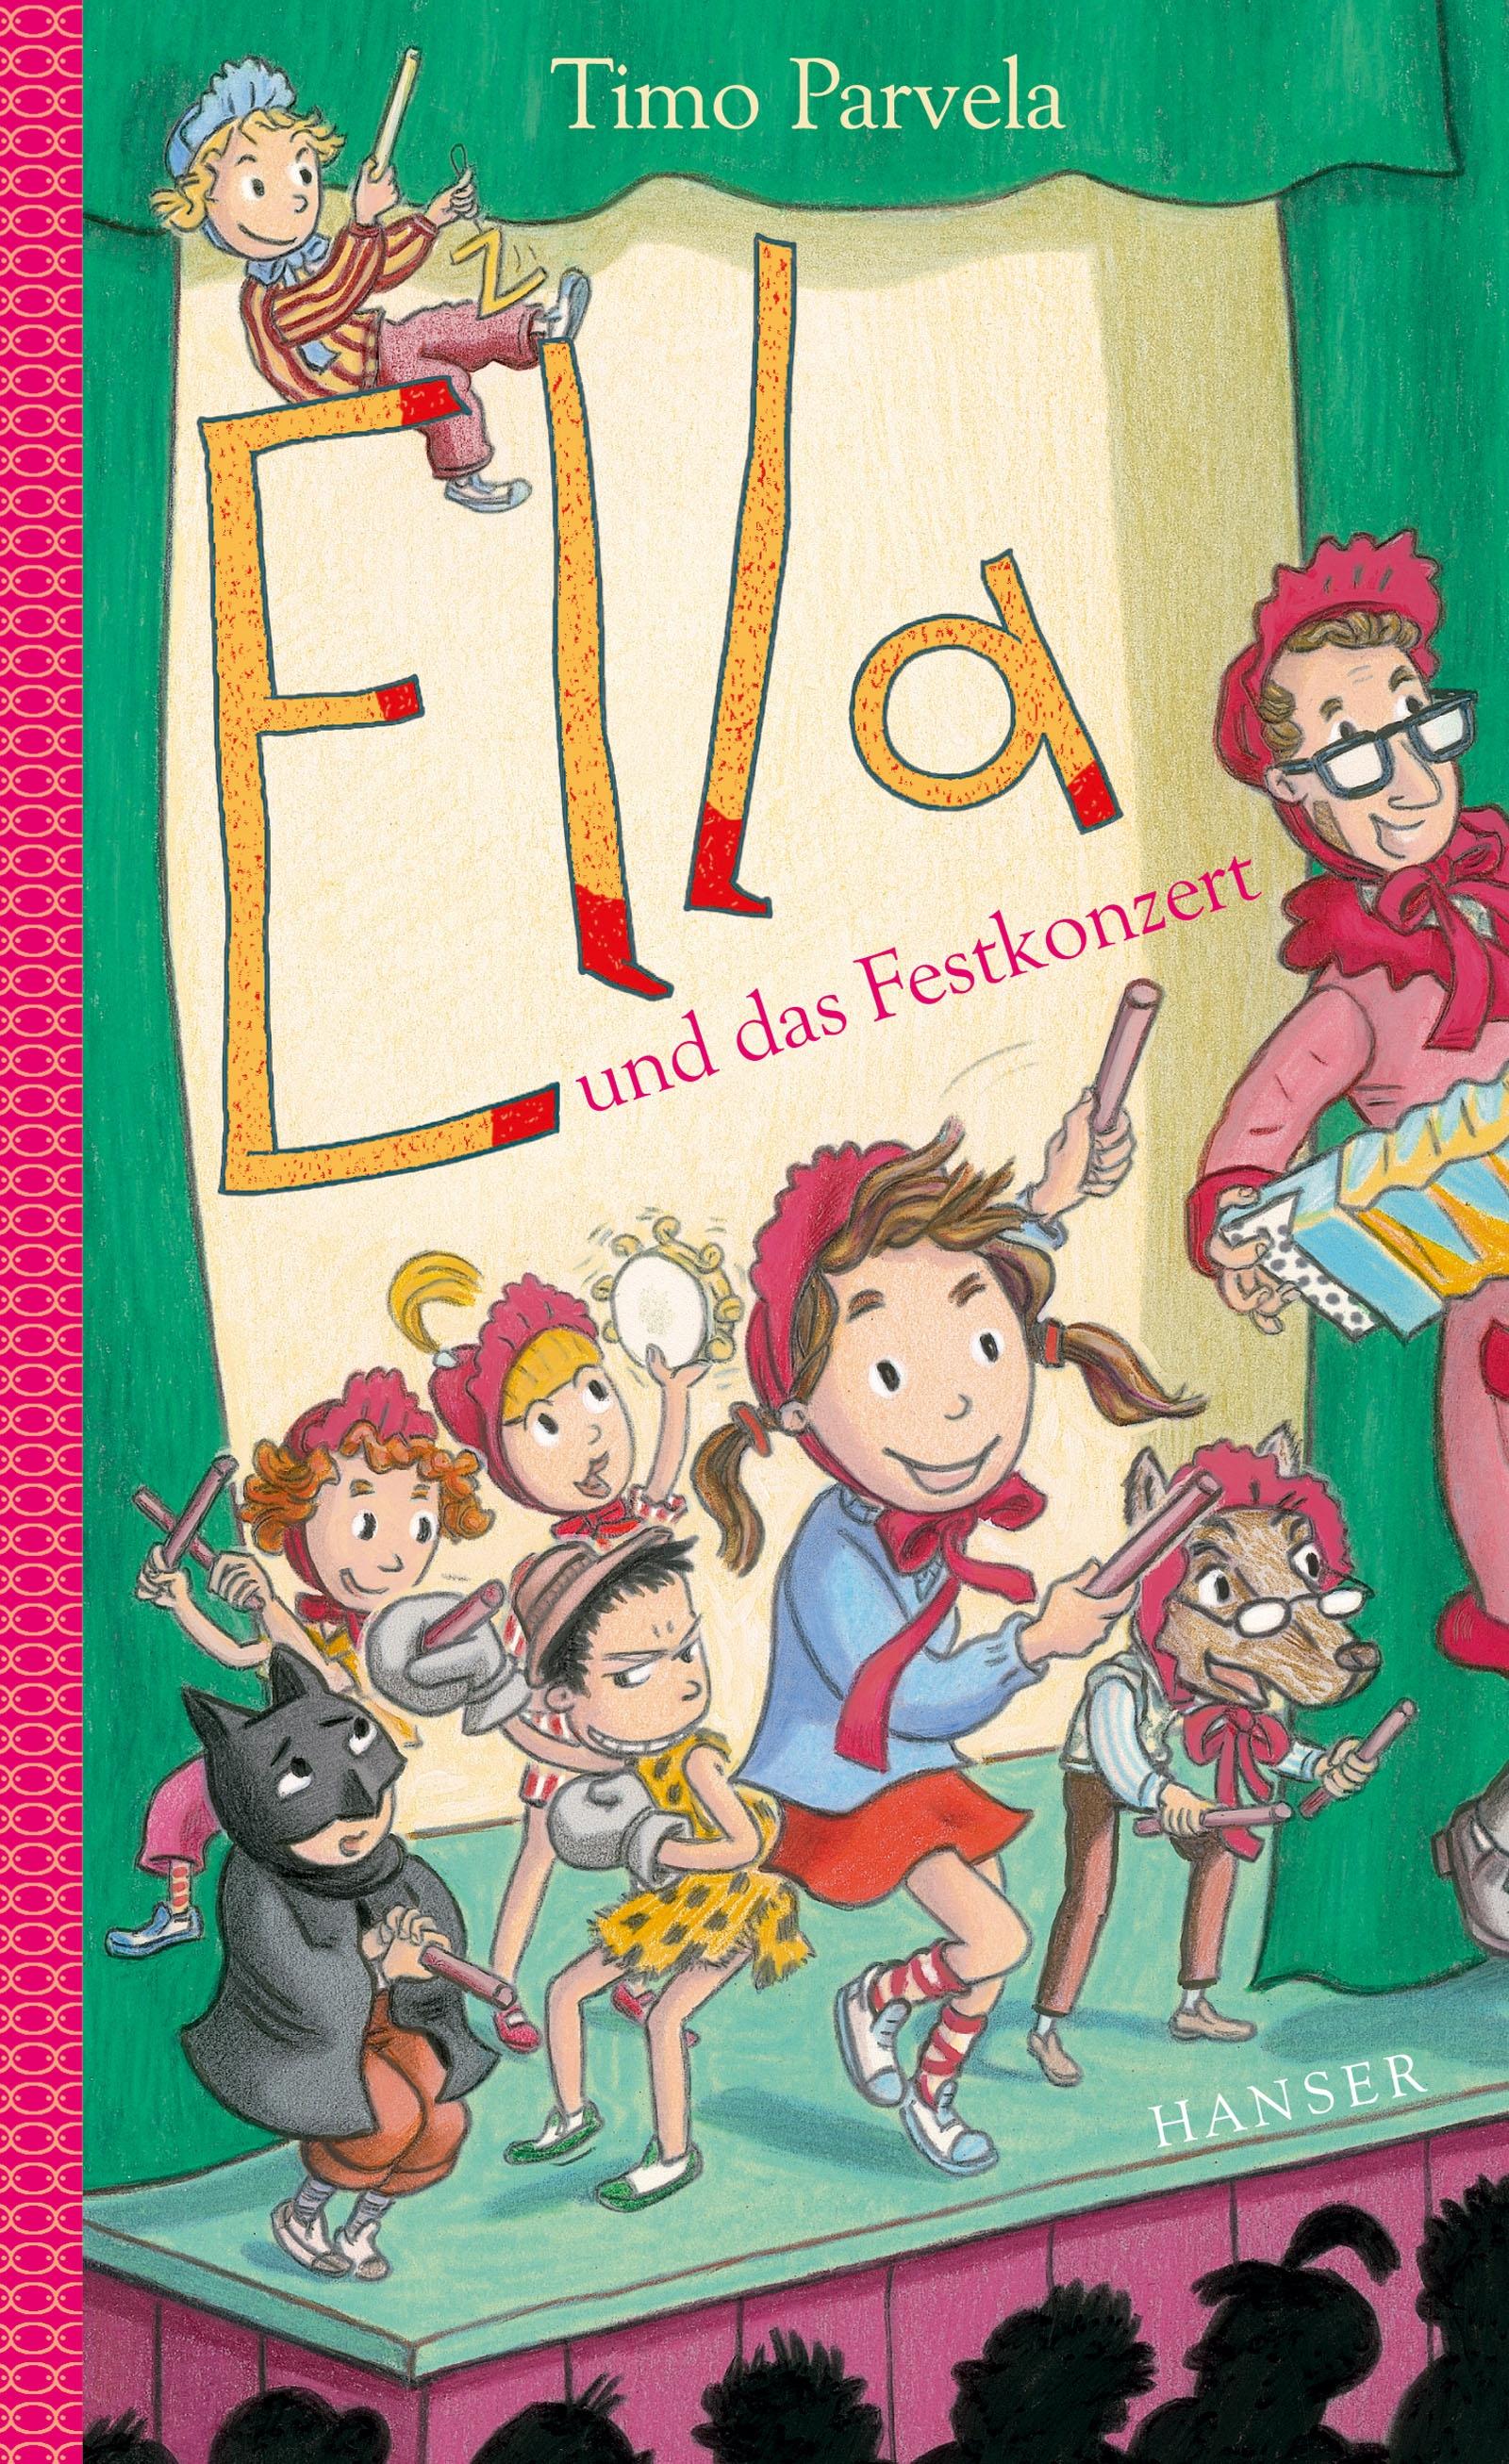 Ella und das Festkonzert